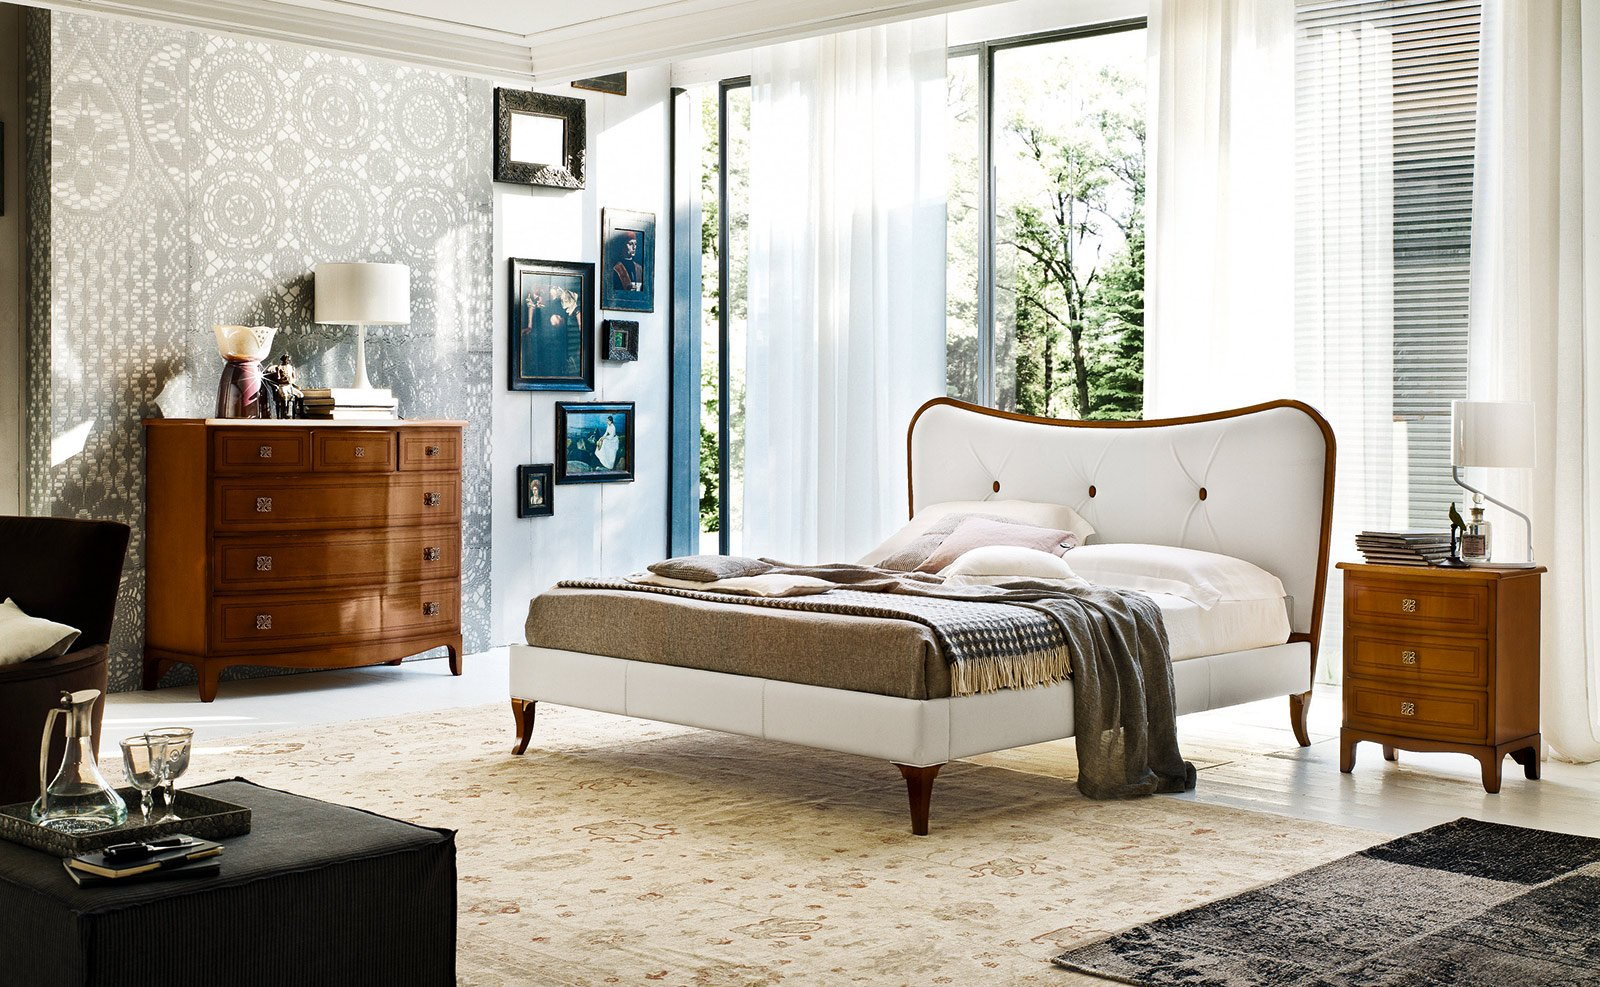 Letti imbottiti capitonn in versione classica cose di casa - Le fablier prezzi camere da letto ...